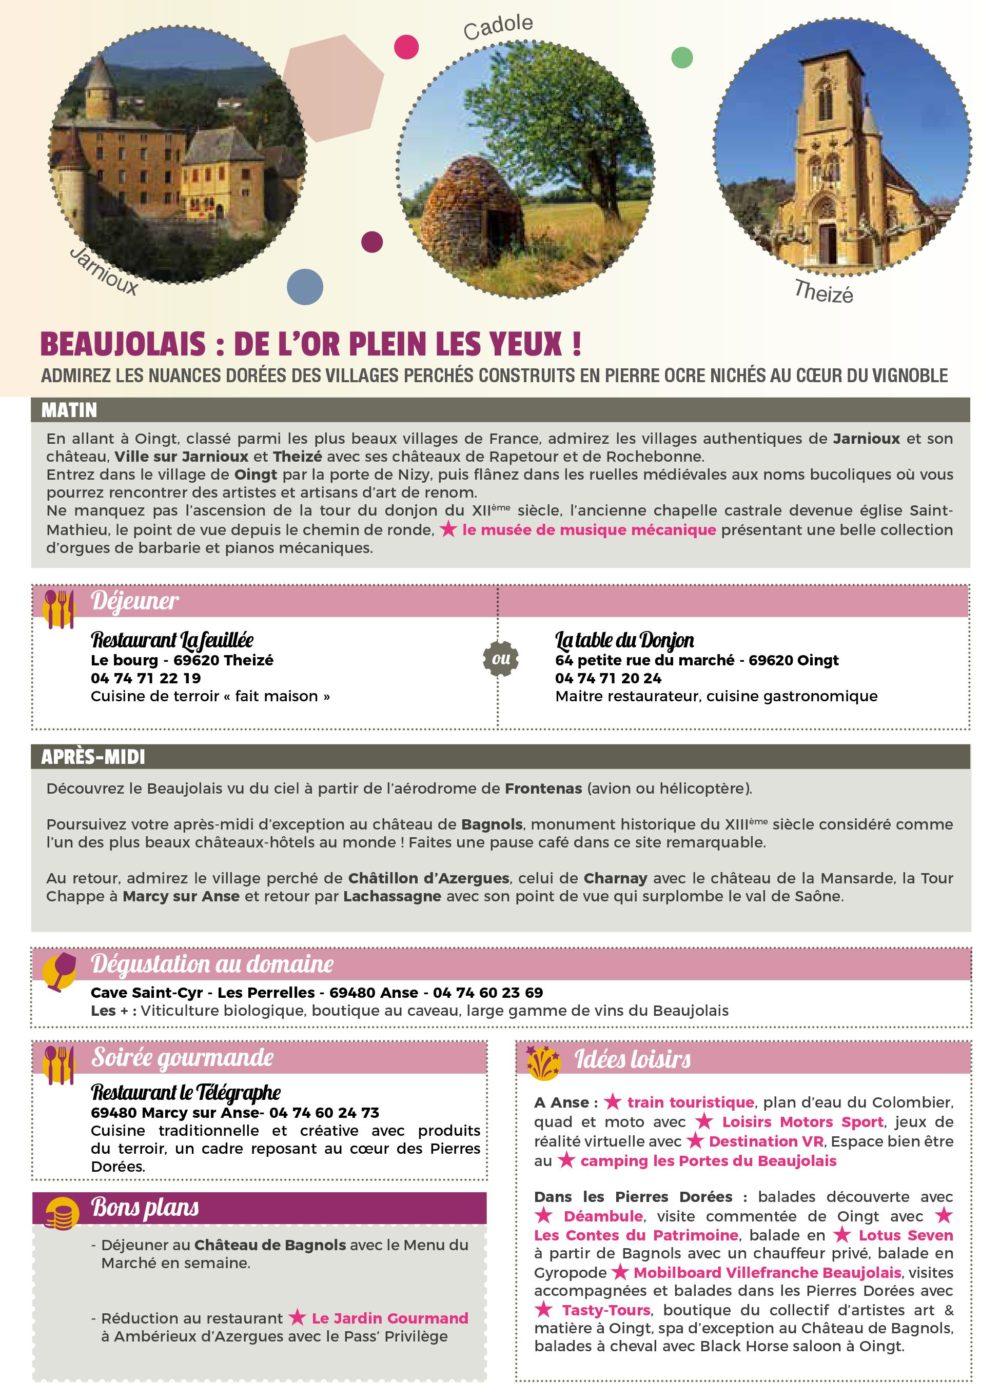 carnet de voyage 2019 - beaujolais - page 1